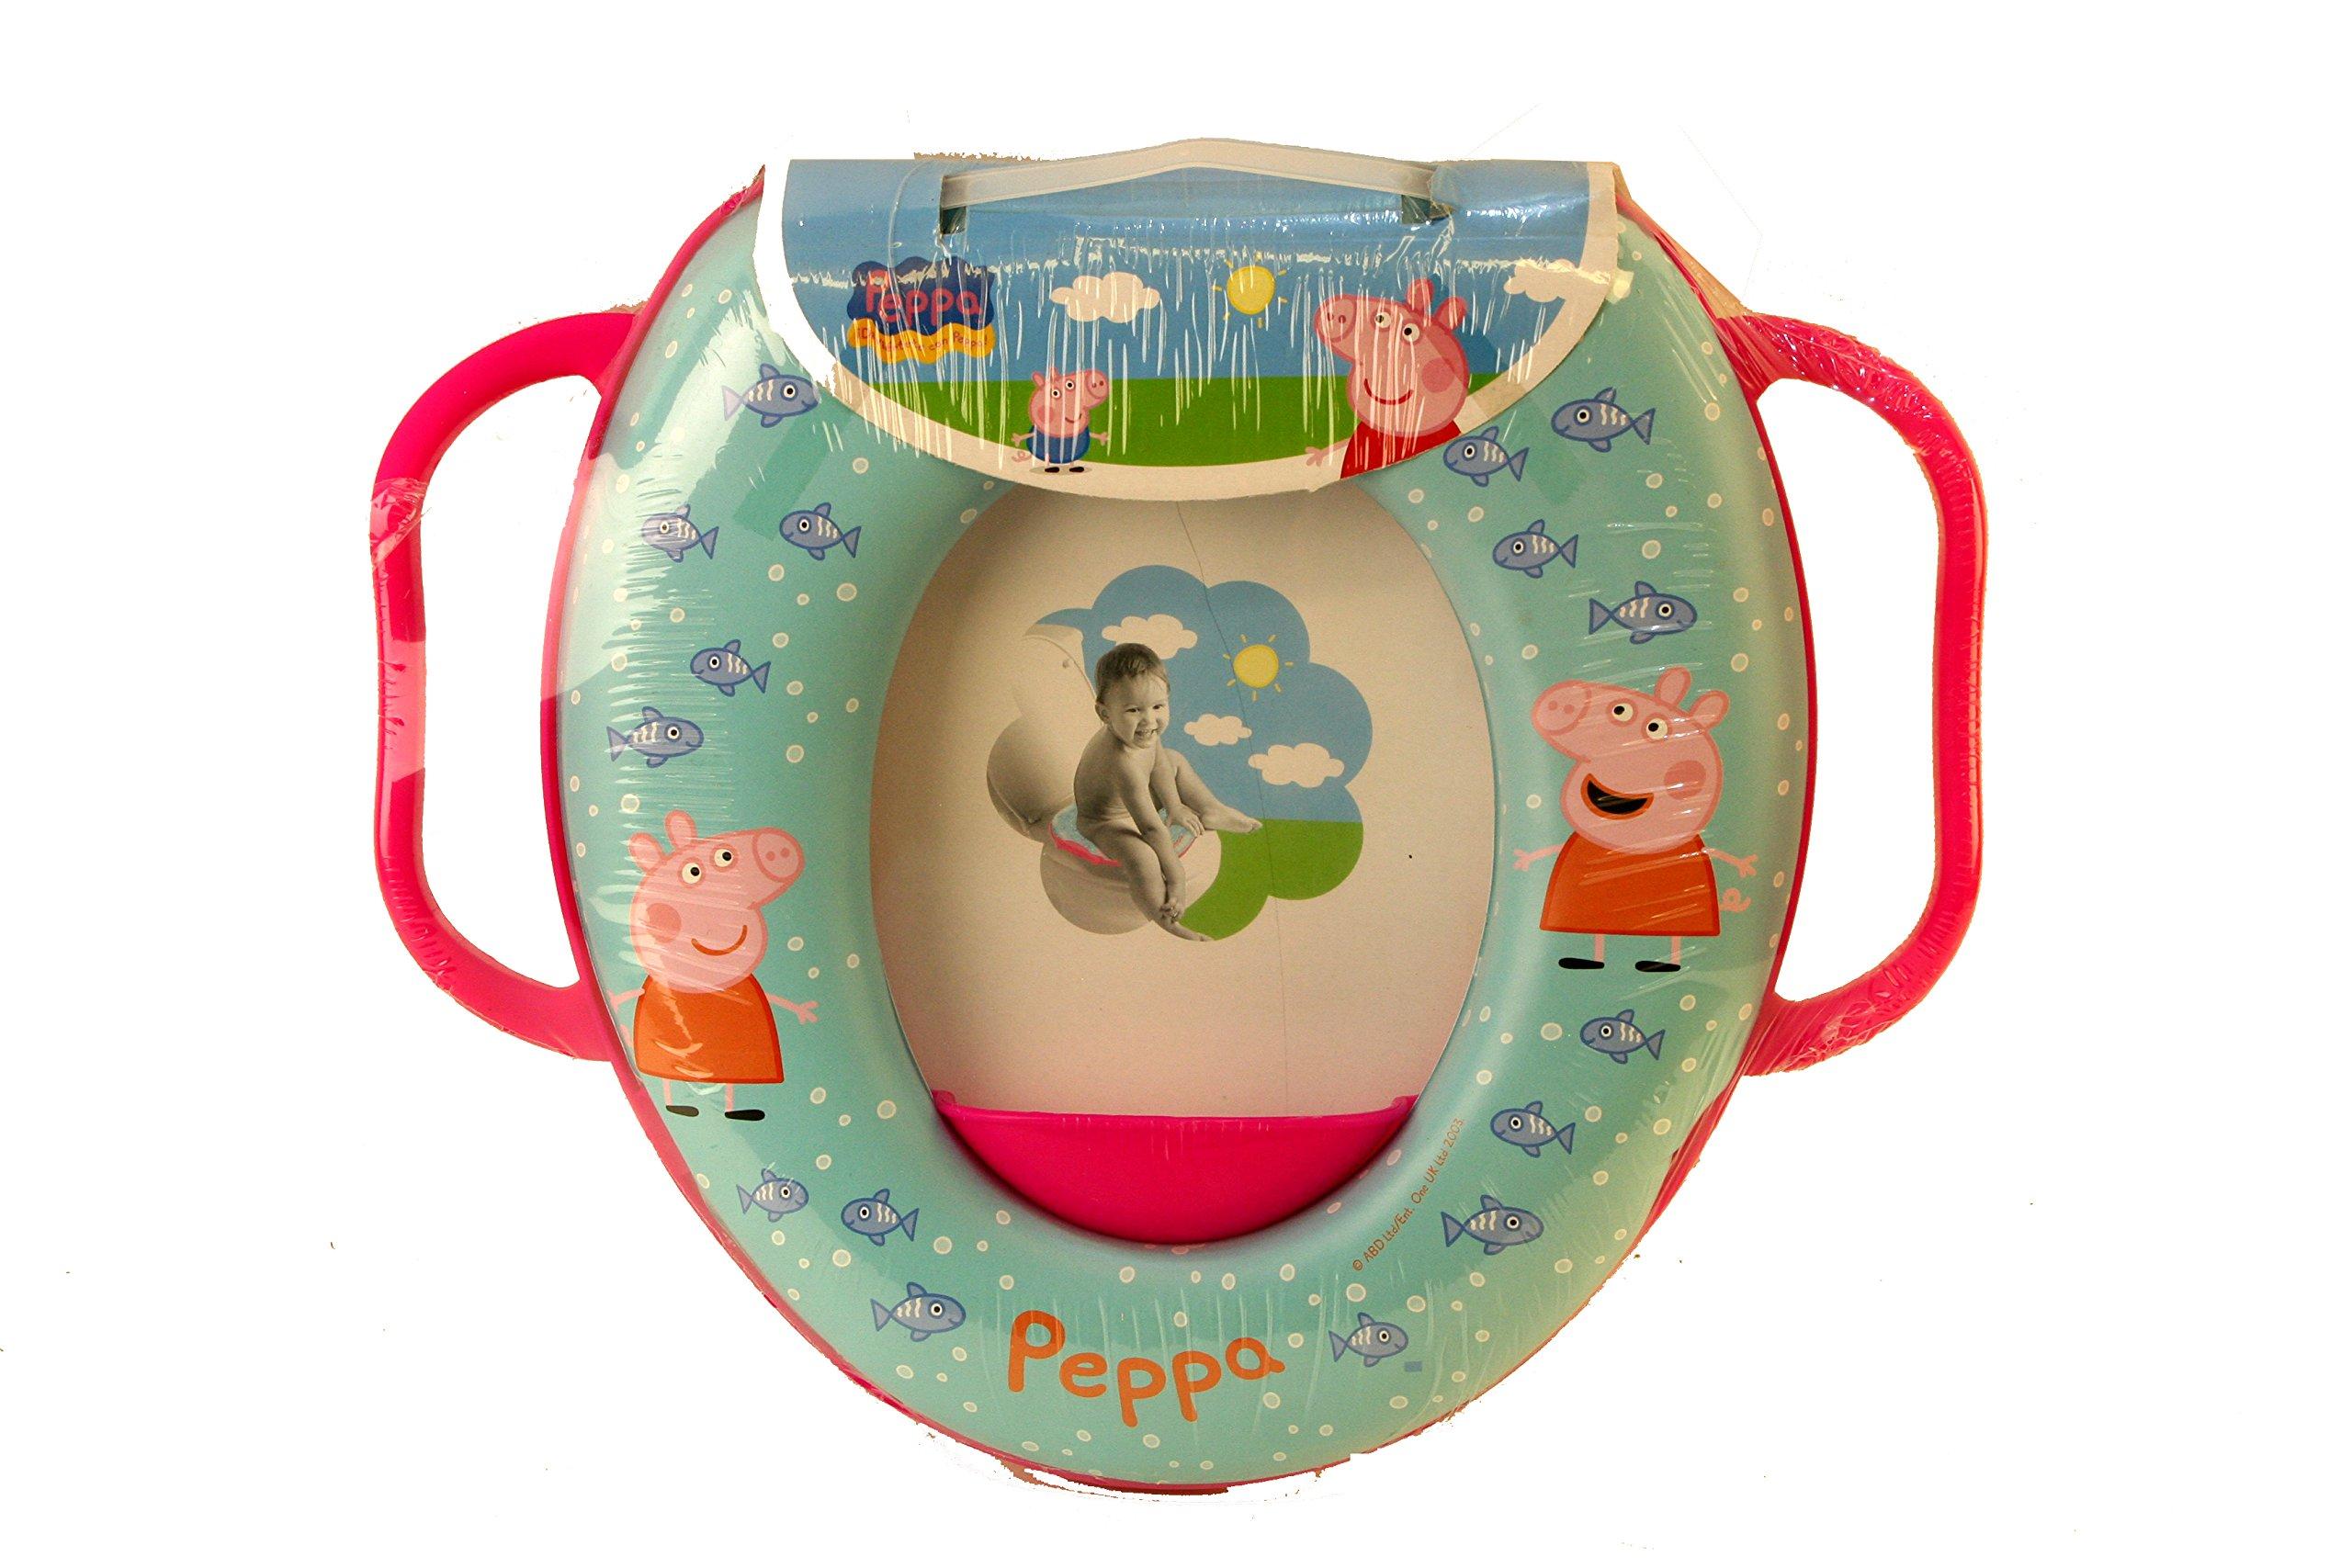 Peppa Pig Toilet Seat by Peppa Pig